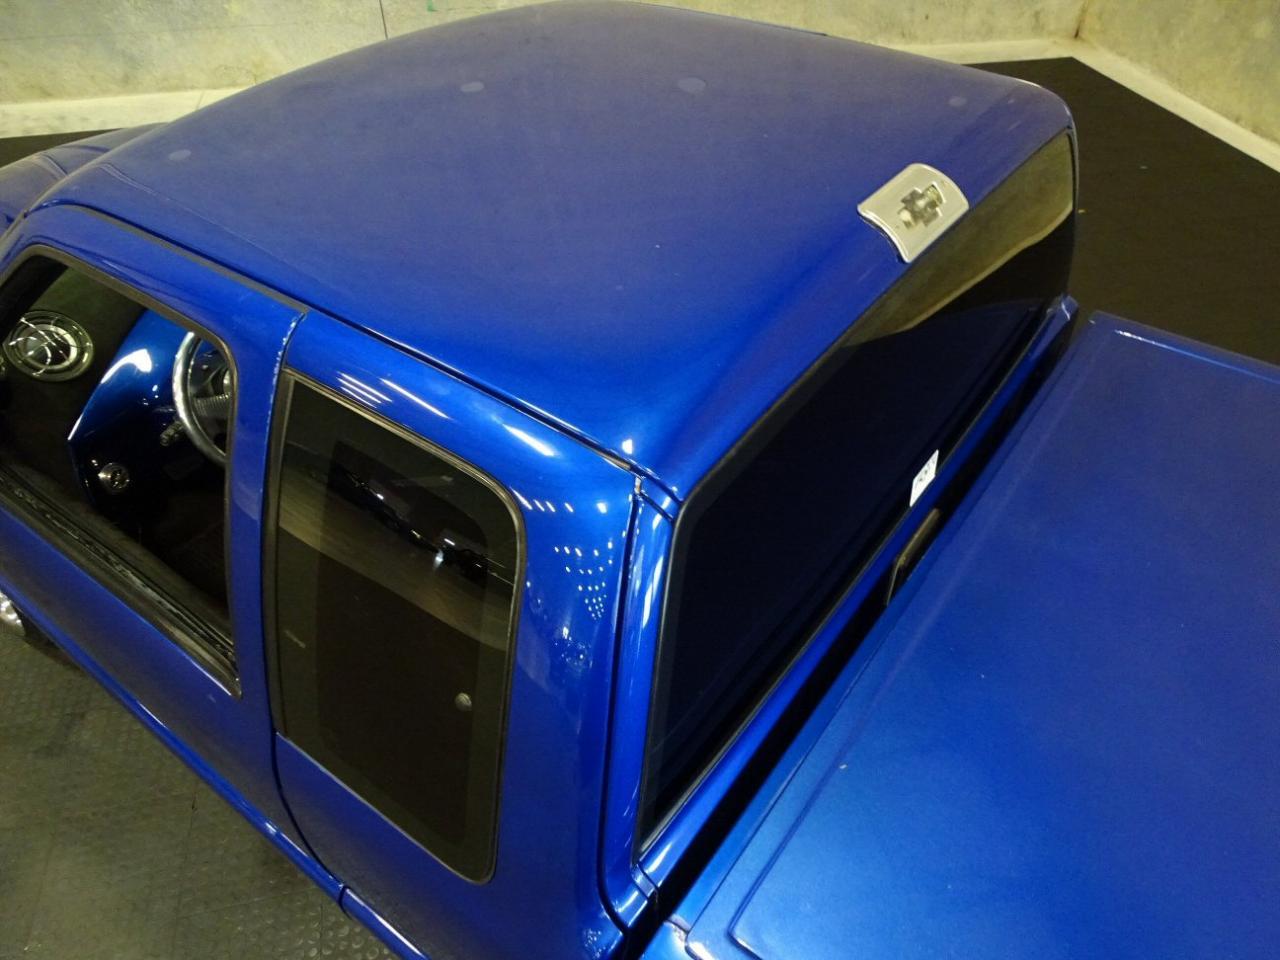 2001 Chevrolet S10 44